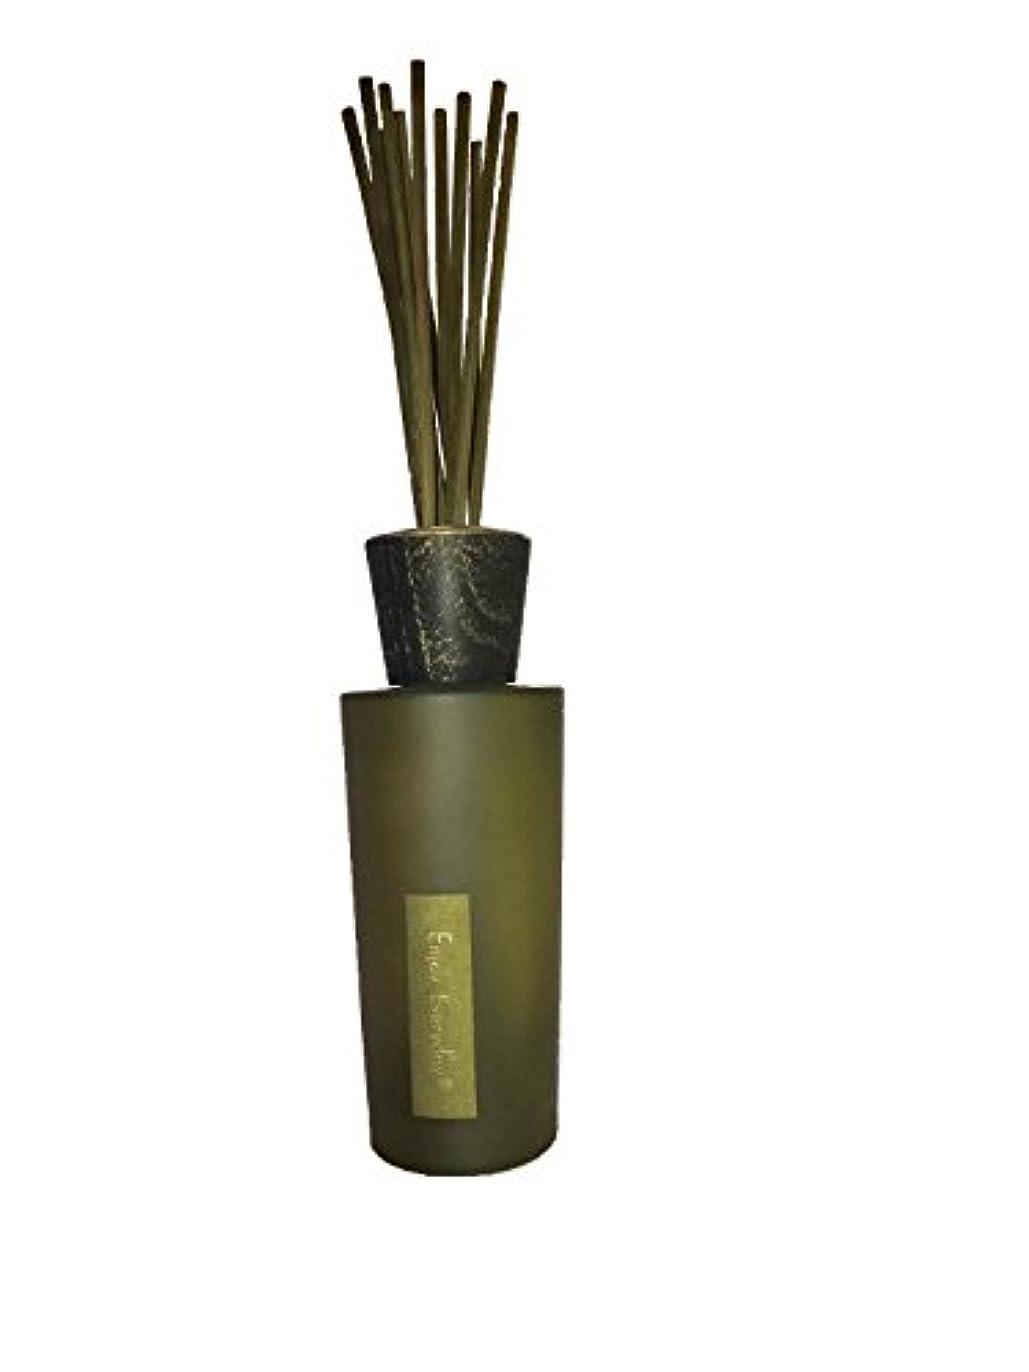 ピアモンスターセーター40%OFF!【Branch of Aroma】100%天然アロマスティックディフューザー-9種の香り- (200ml) (Freshソープ)